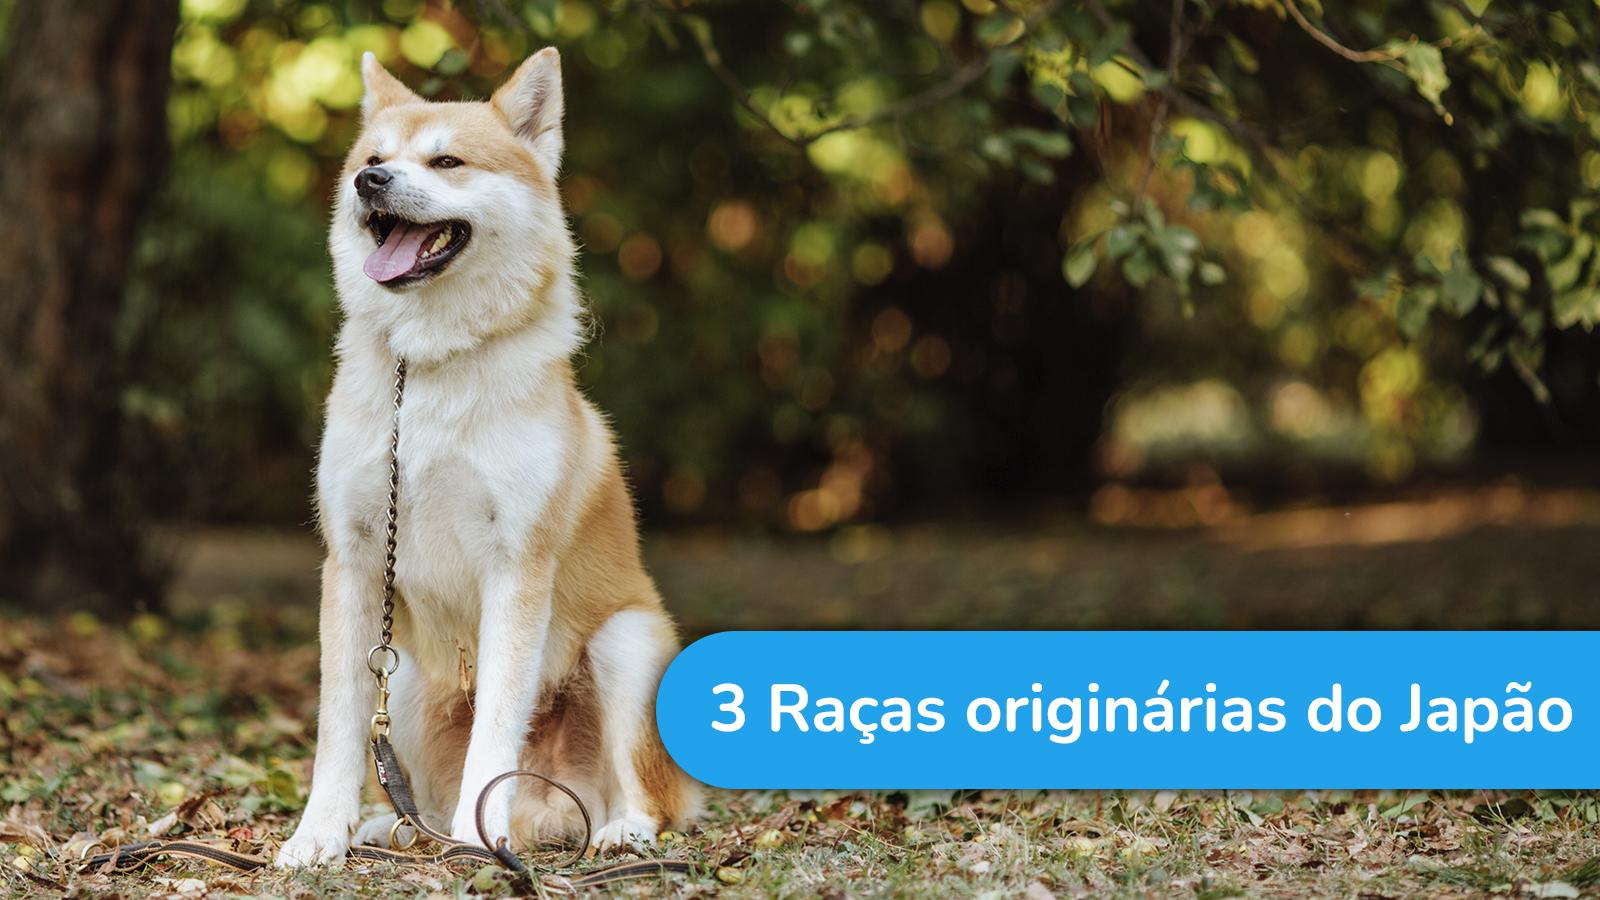 3 raças de cães originárias do Japão